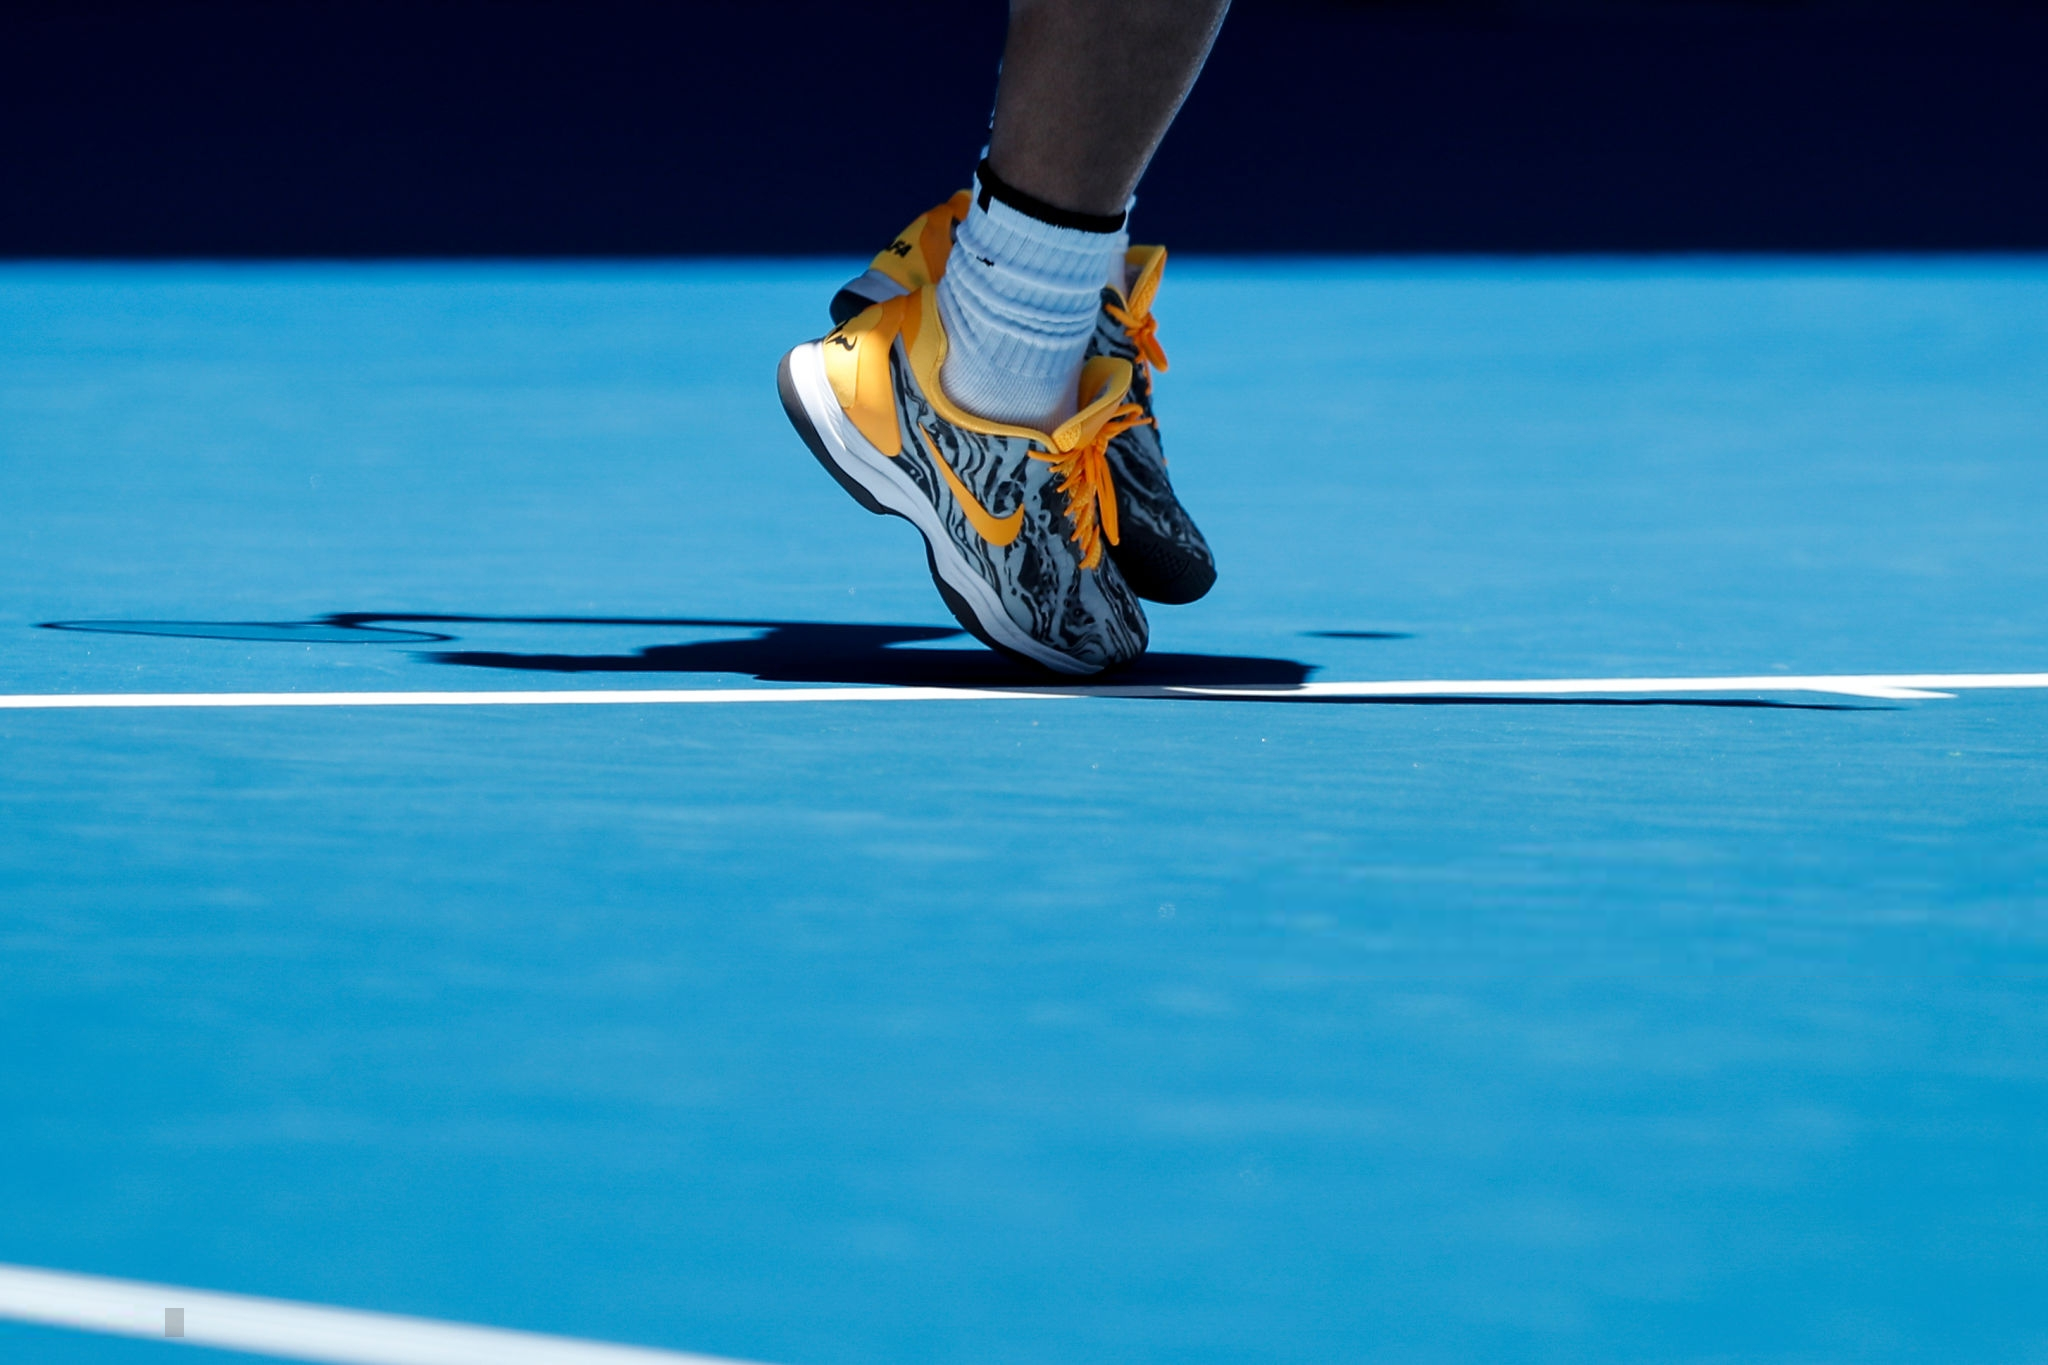 Rafael Nadal Nike Shoes 2019 Australian Open 2 Rafael Nadal Fans